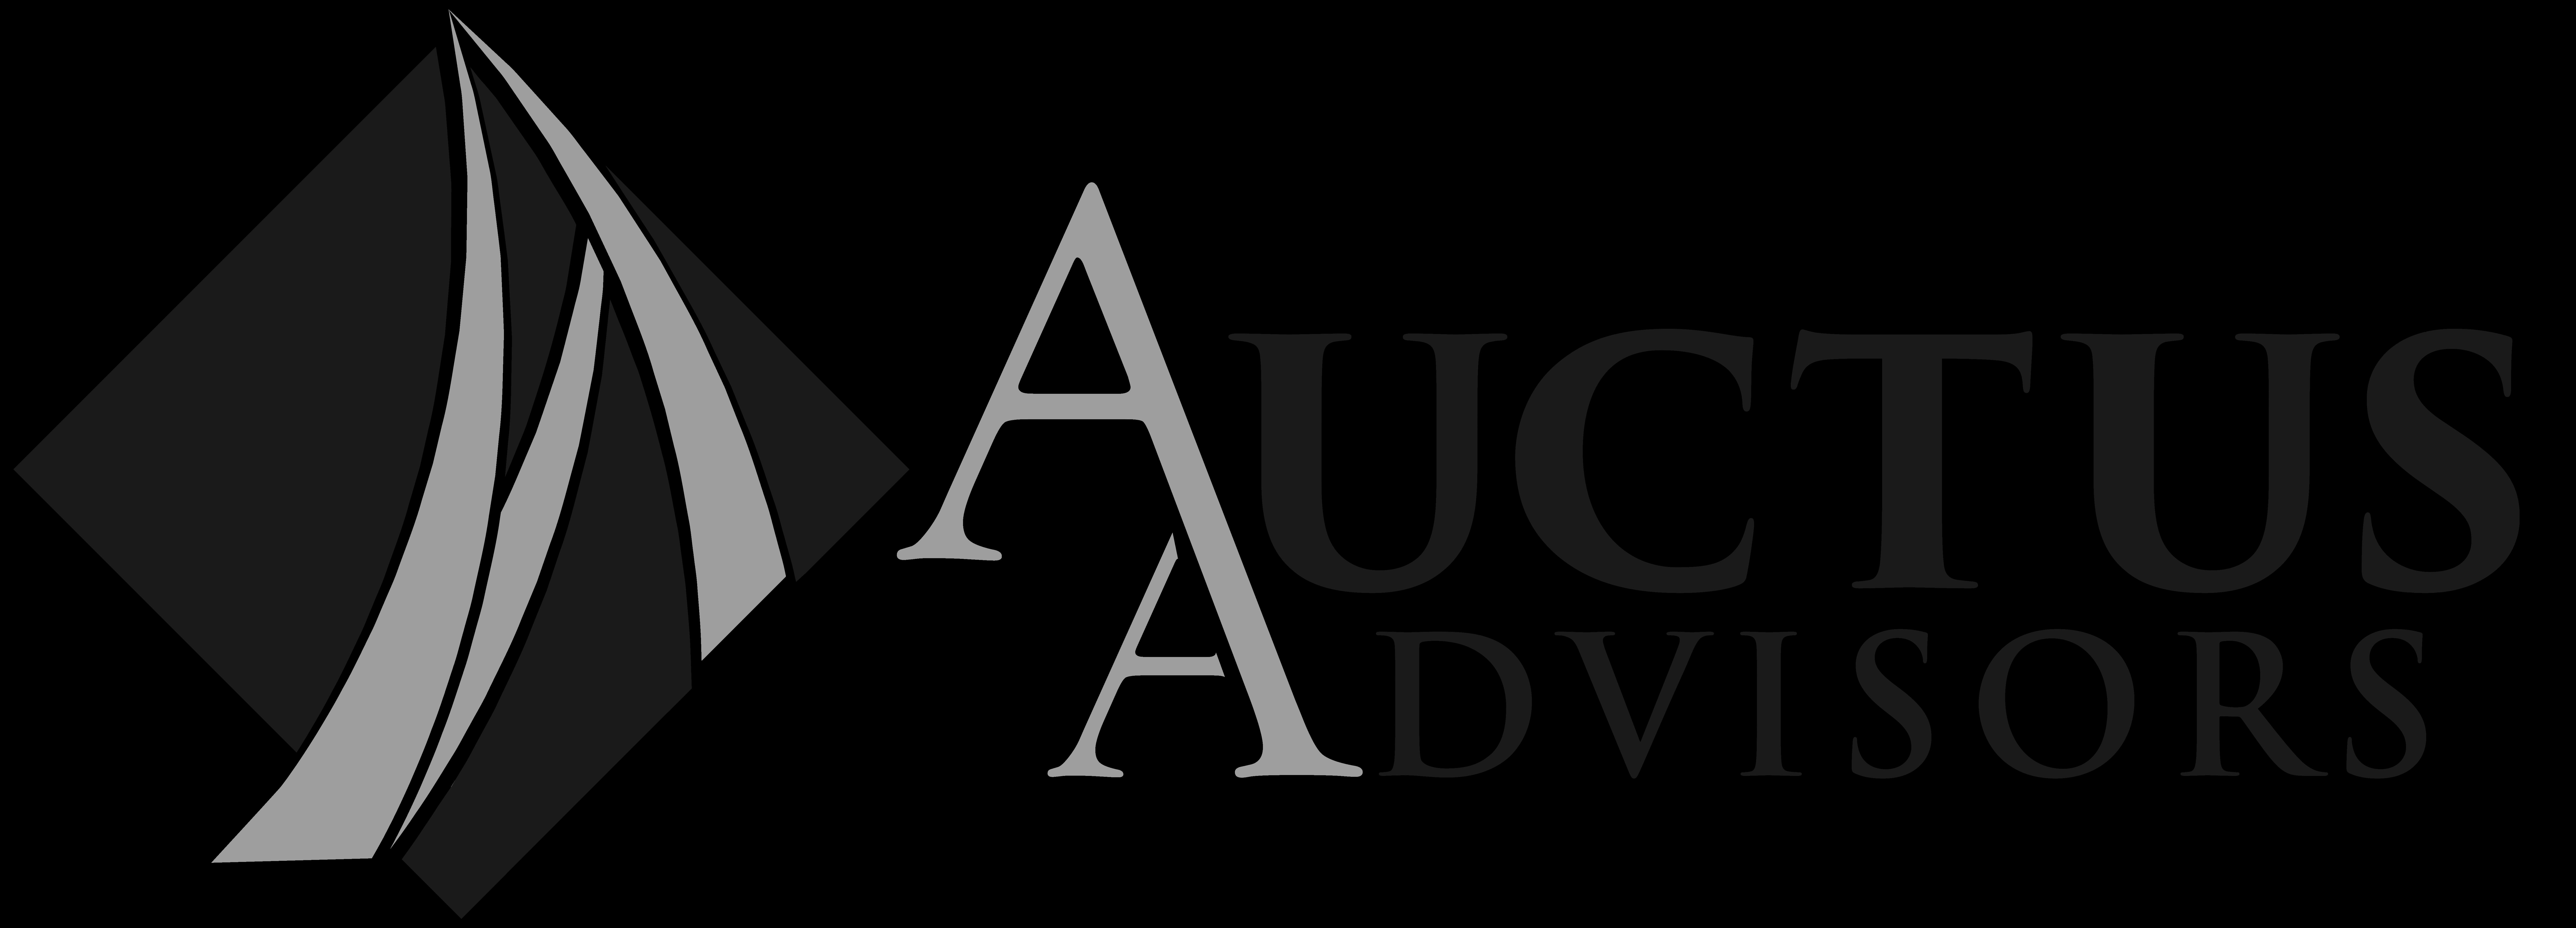 Auctus Advisors